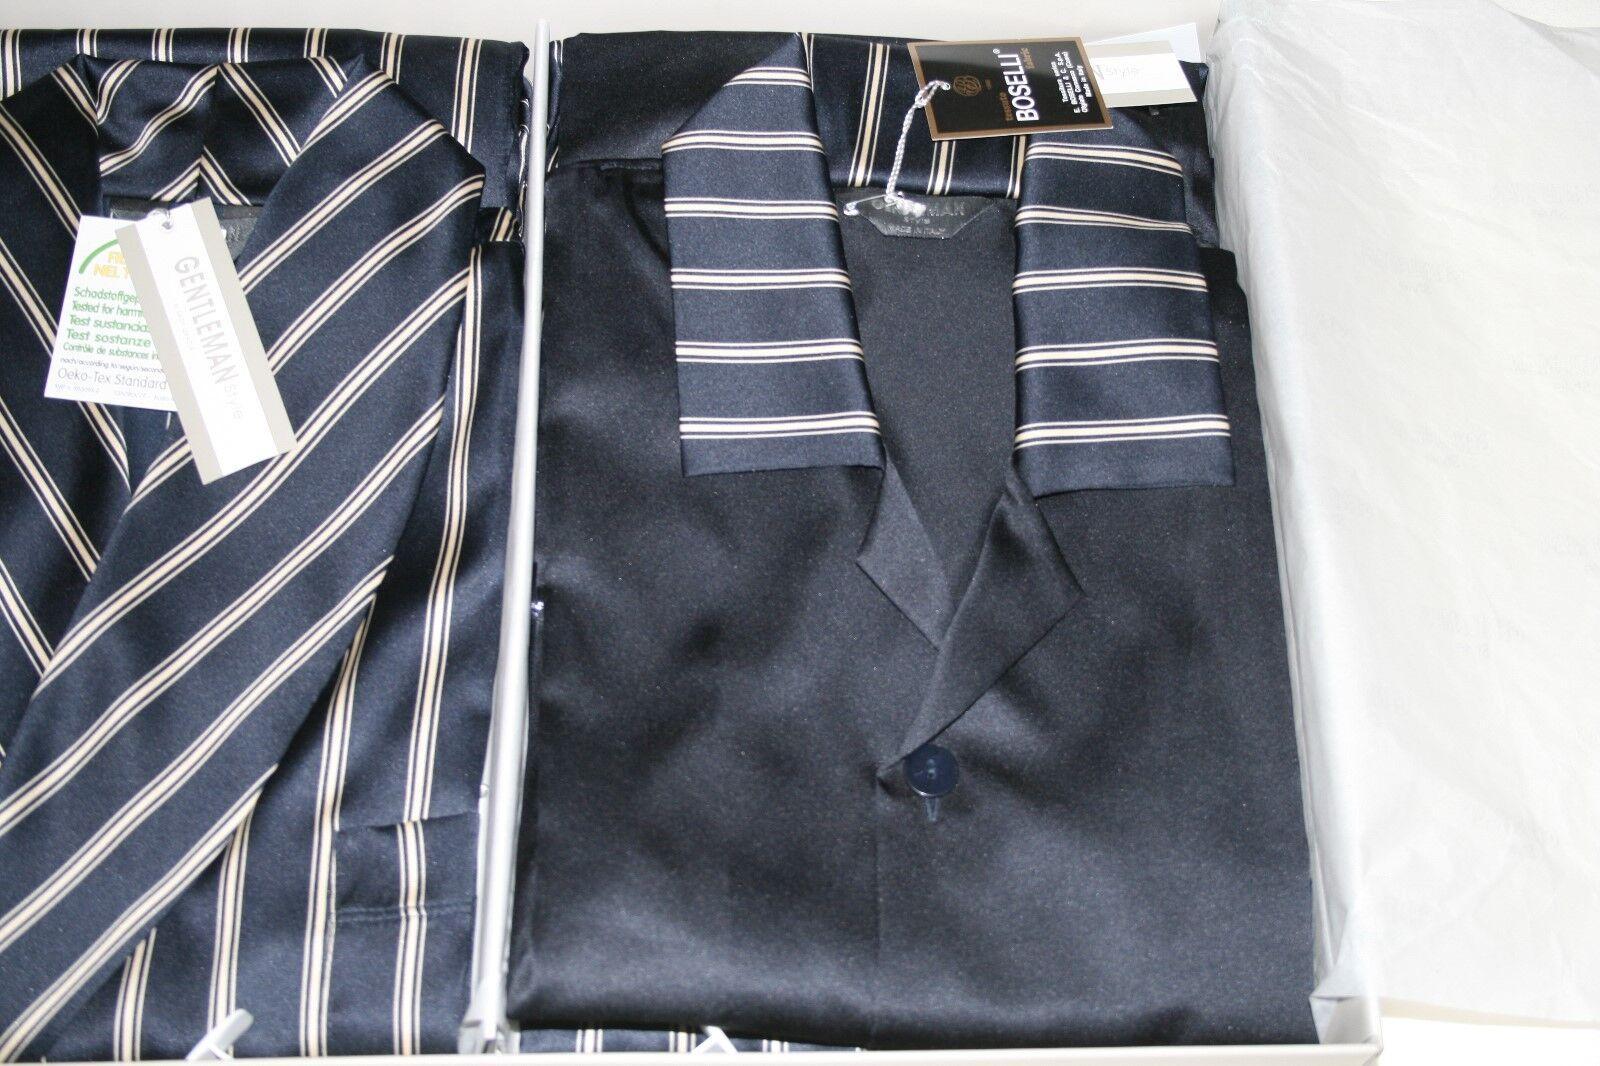 Vestaglia Da Camera Uomo : Coord. pigiama uomo vestaglia da camera uomo pigiama estivo raso